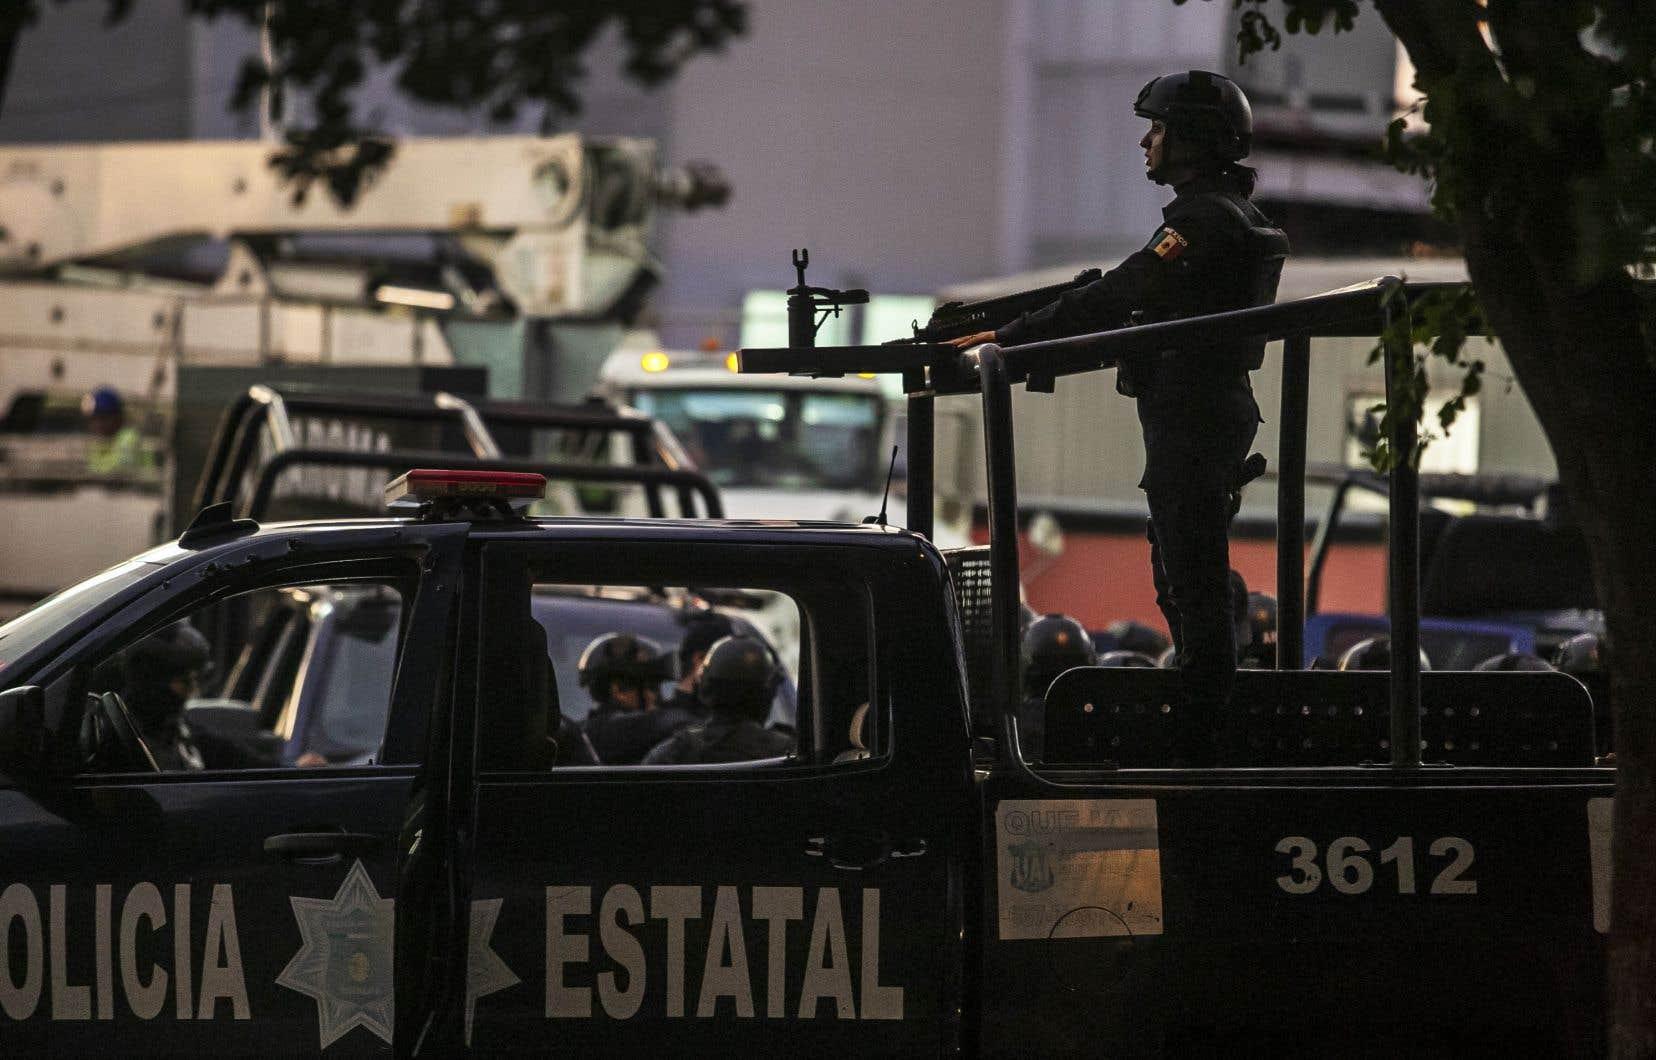 Les autorités mexicaines avaient annoncé avoir arrêté Ovidio Guzman pendant de violents affrontements avec des groupes armés à Culiacan, le fief de Joaquin «El Chapo» Guzman, emprisonné aux États-Unis.